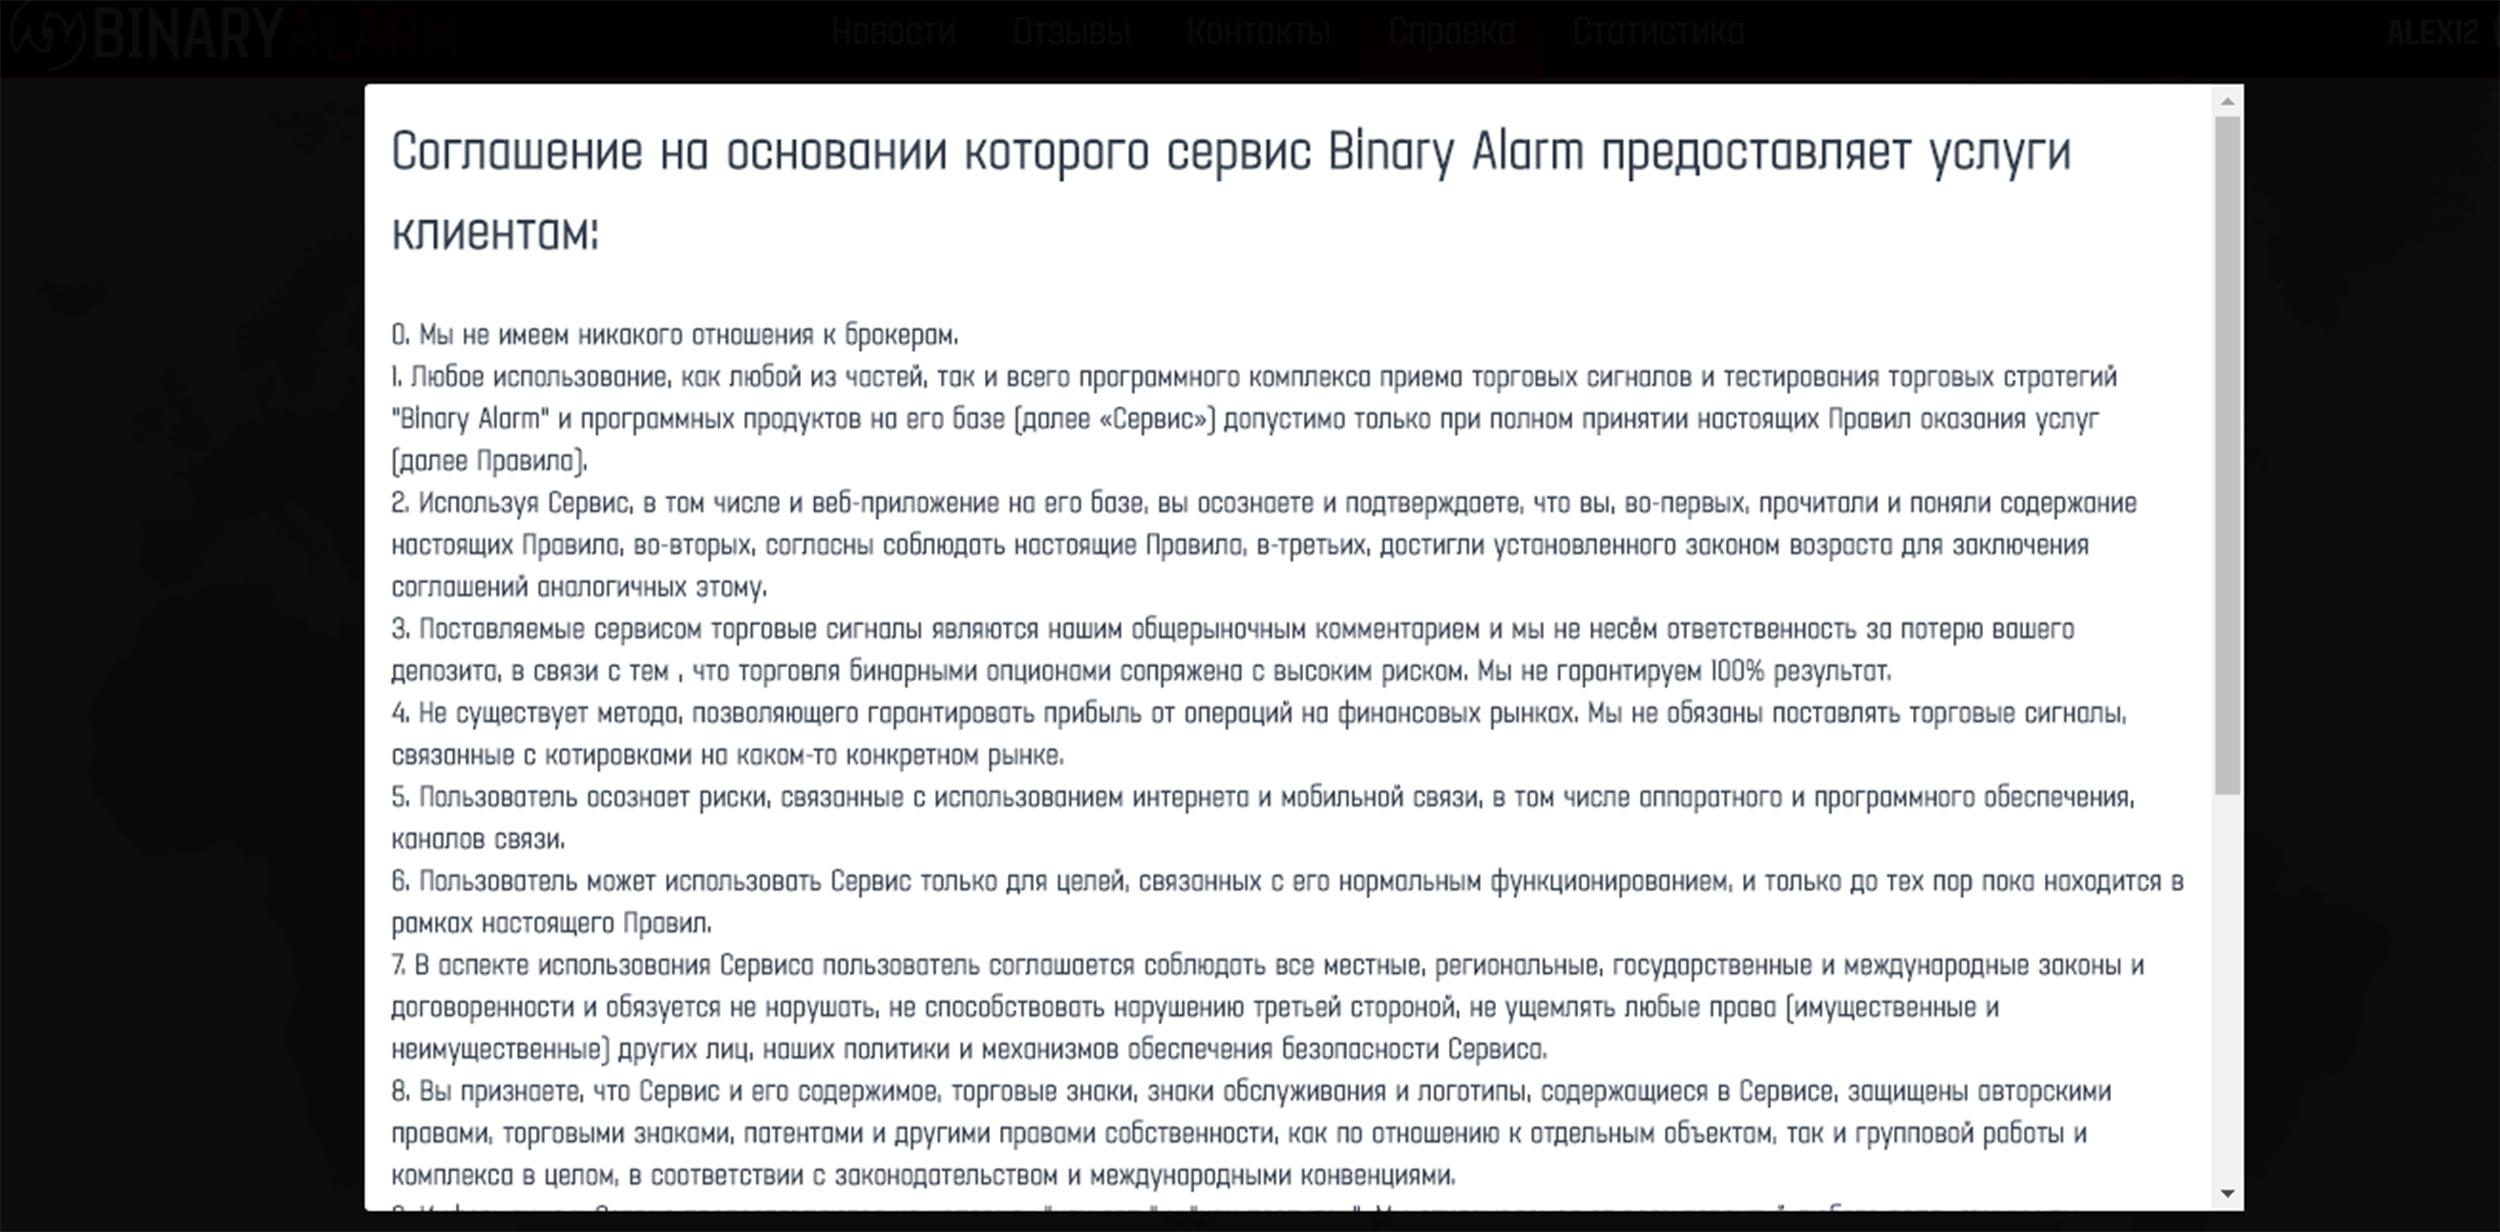 Пользовательское соглашение BinaryAlarm